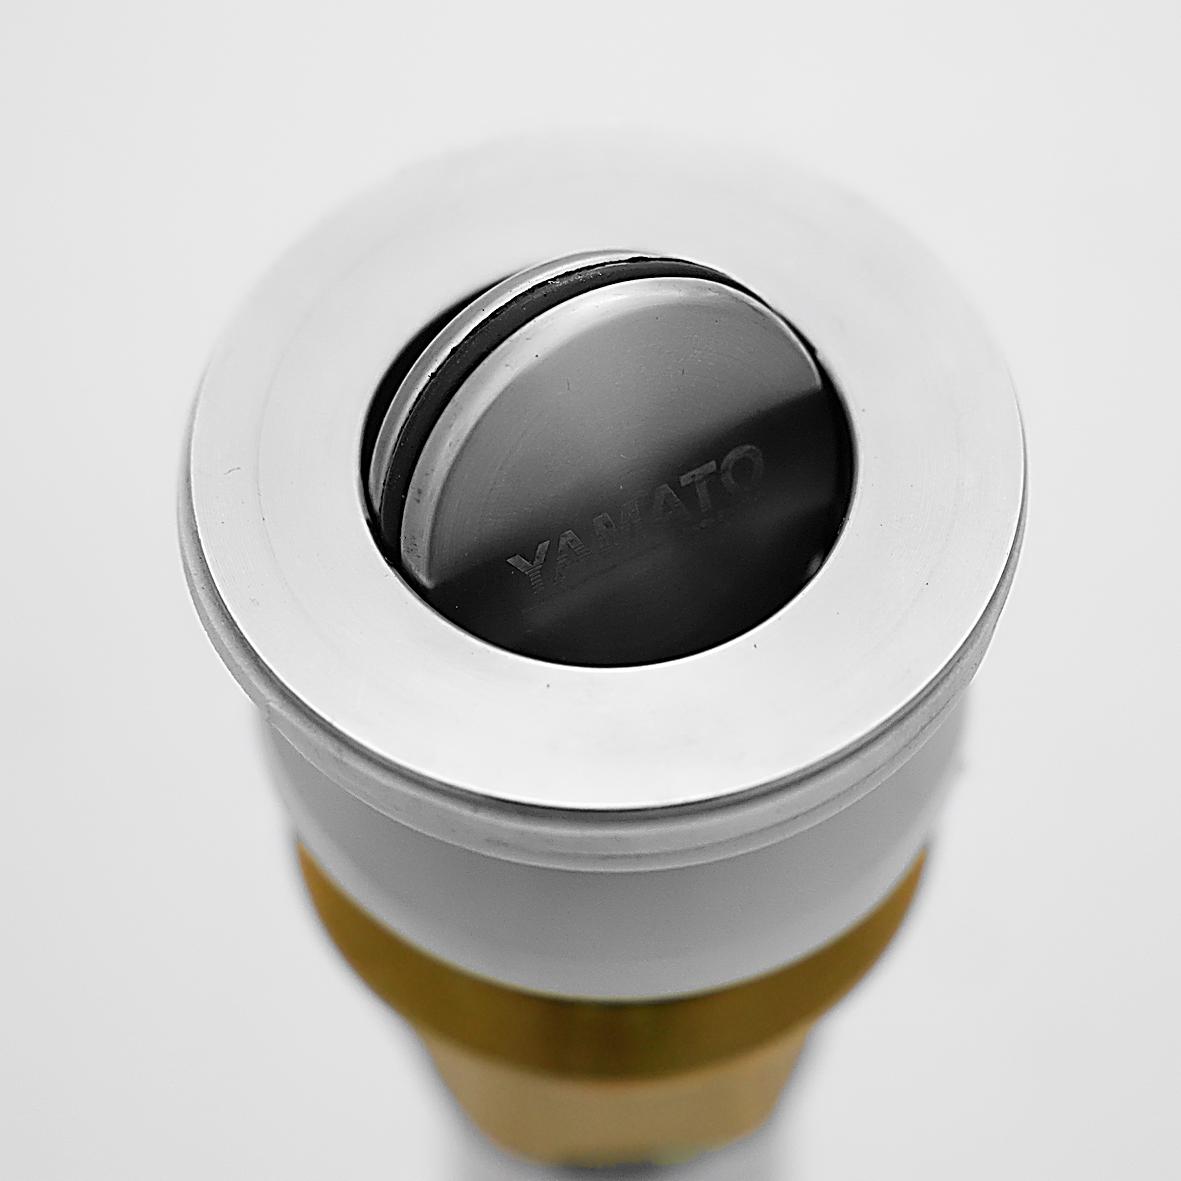 Bộ xi phông (xả lavabo) lật Inox 304 dùng cho lavabo sứ